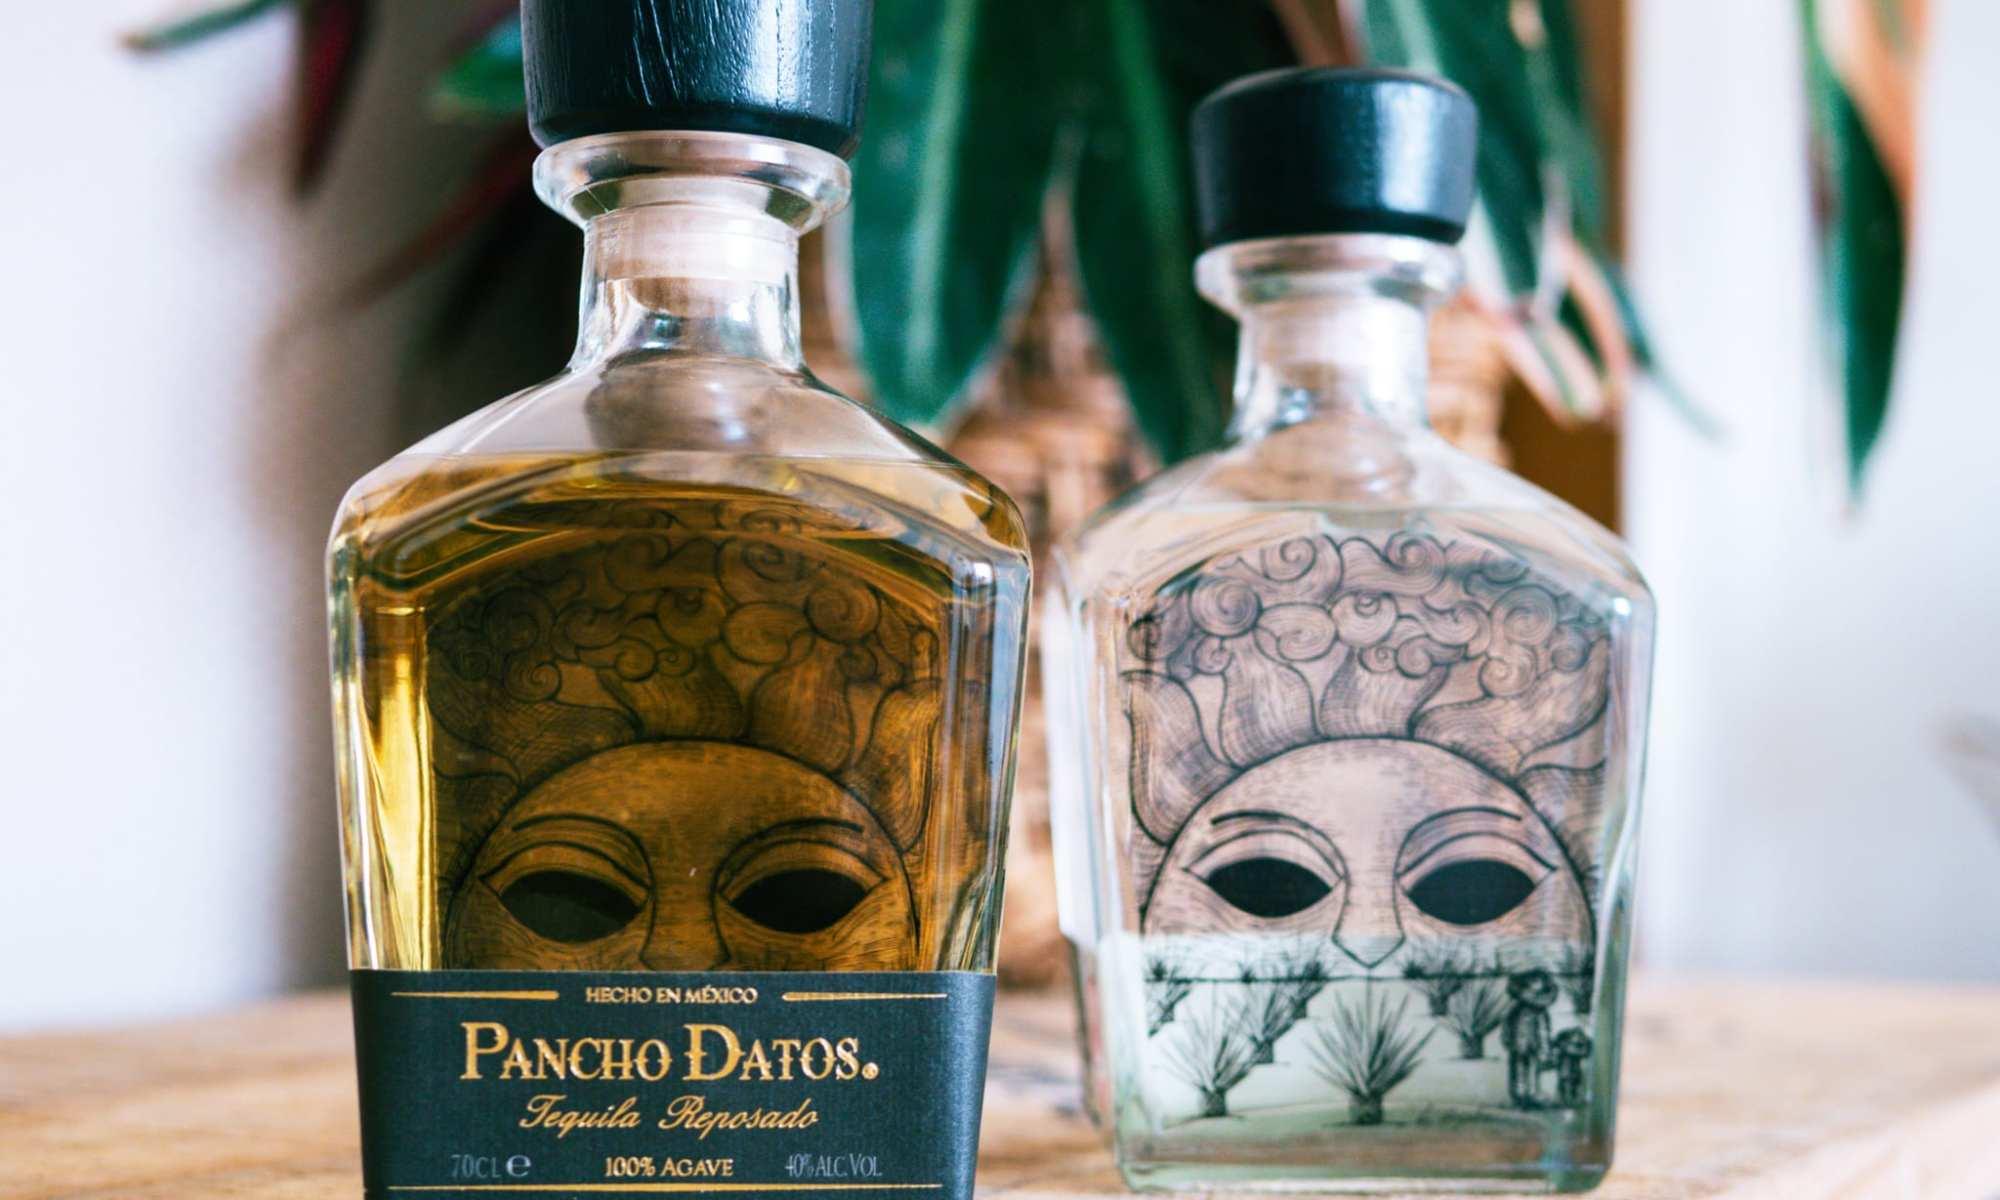 Pancho Datos Tequila range